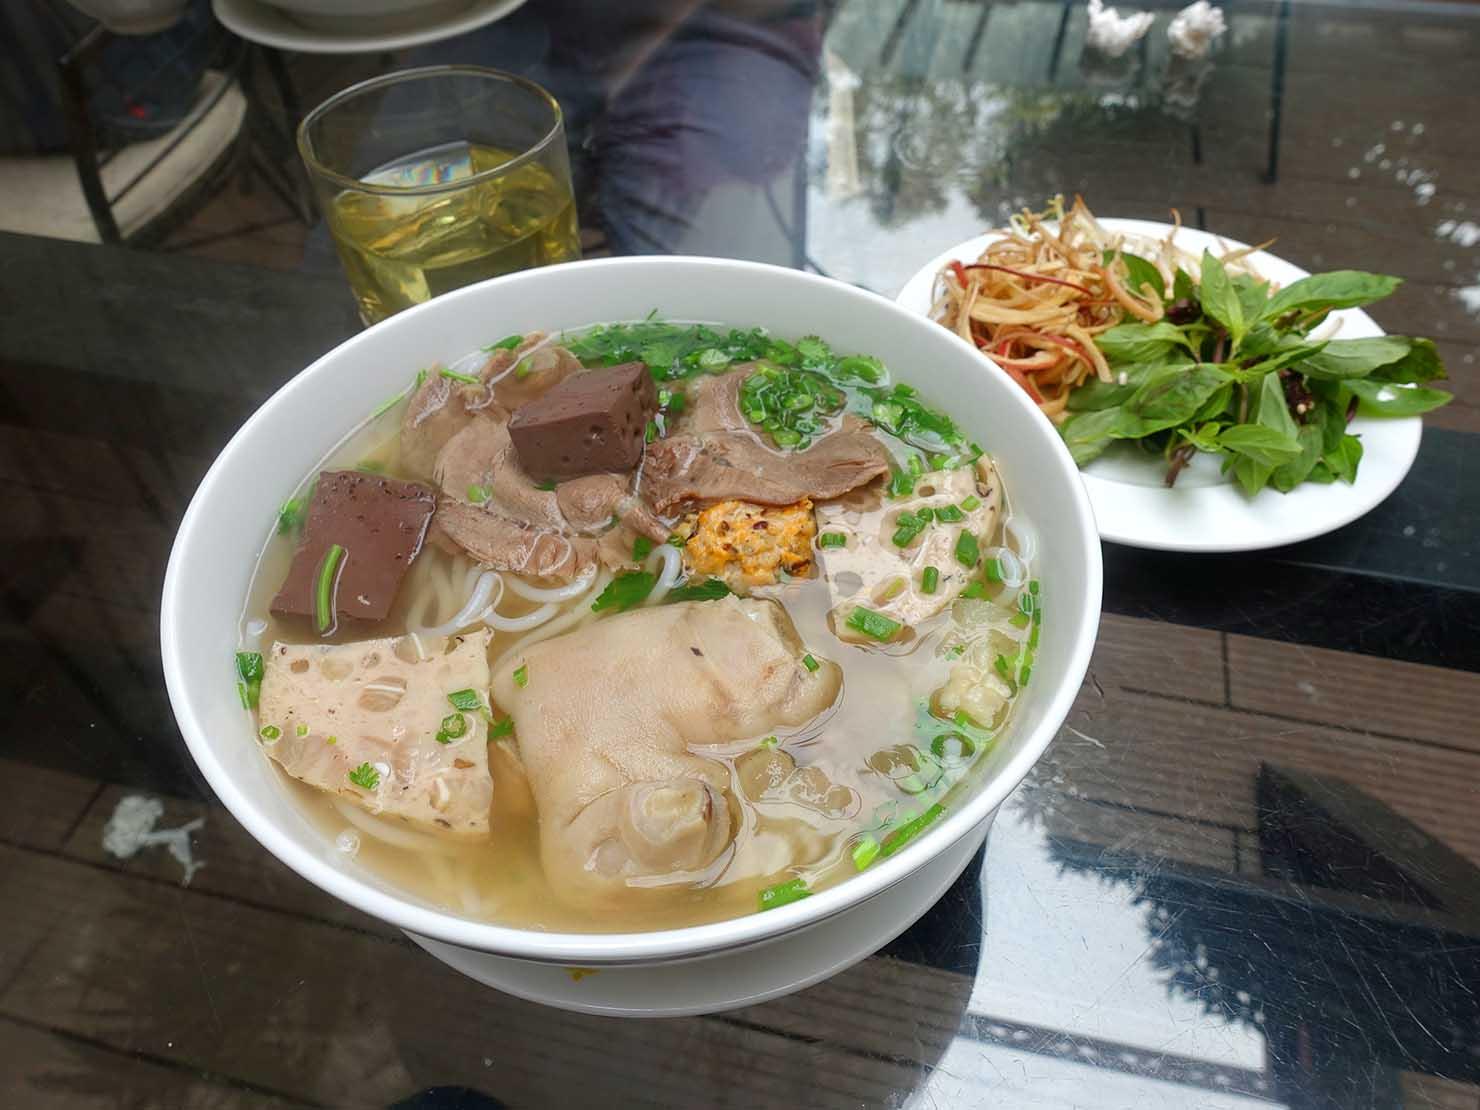 ベトナム・ハノイのタイ湖エリアで食べたお米麺「ブン」